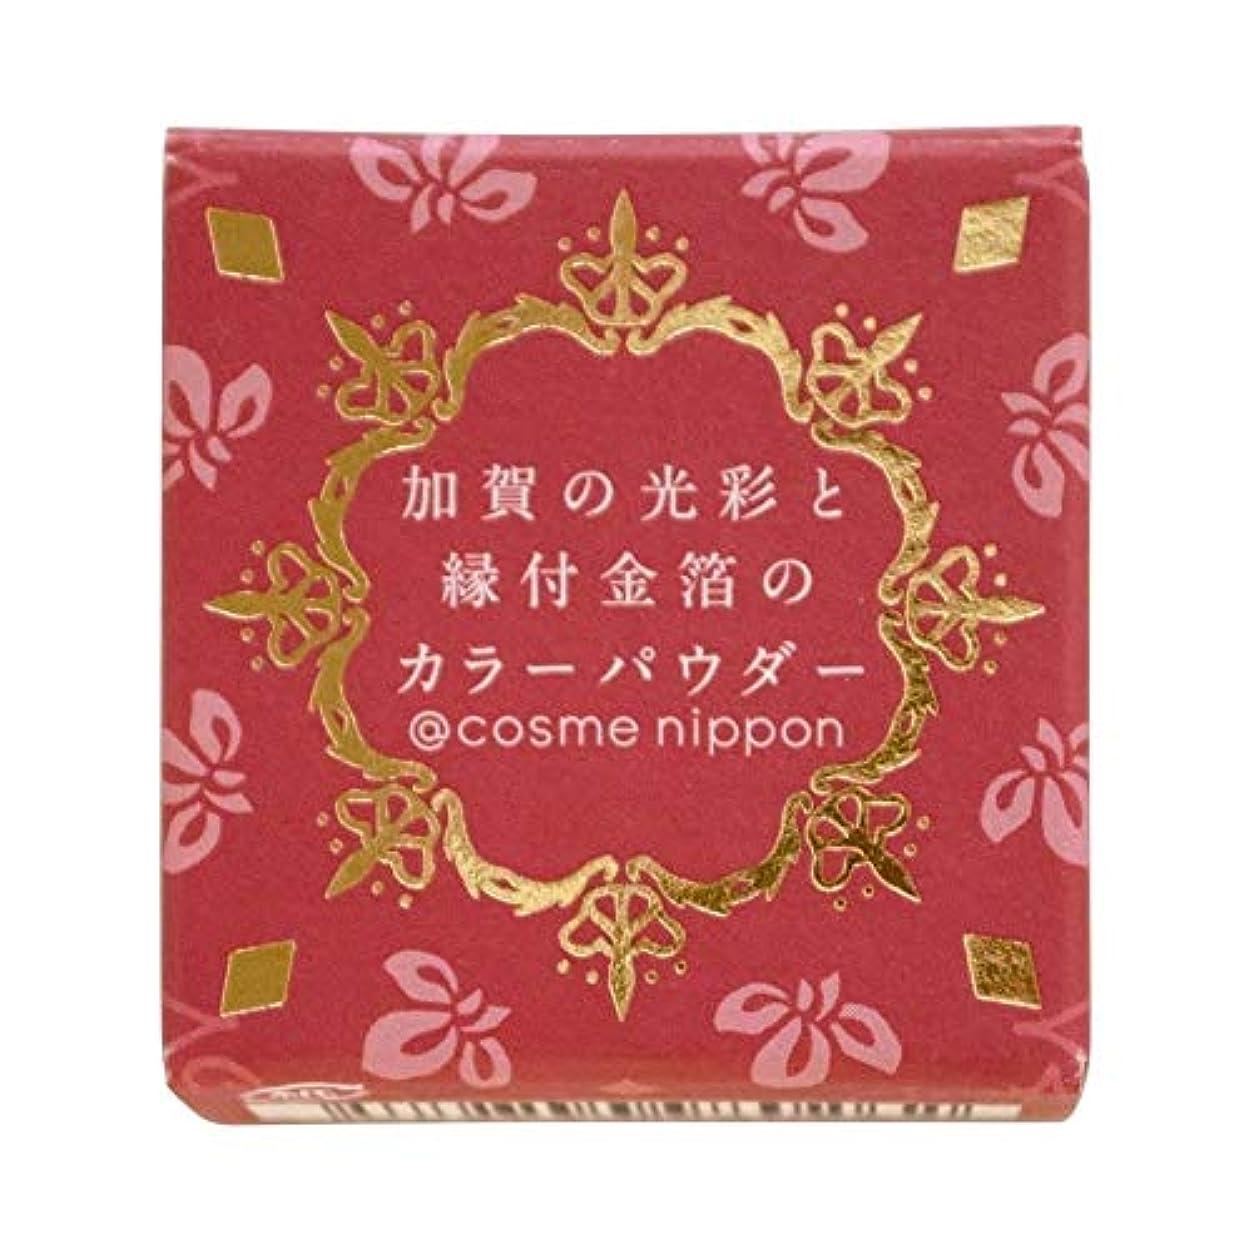 心から原子マニフェスト友禅工芸 すずらん加賀の光彩と縁付け金箔のカラーパウダー02臙脂えんじ